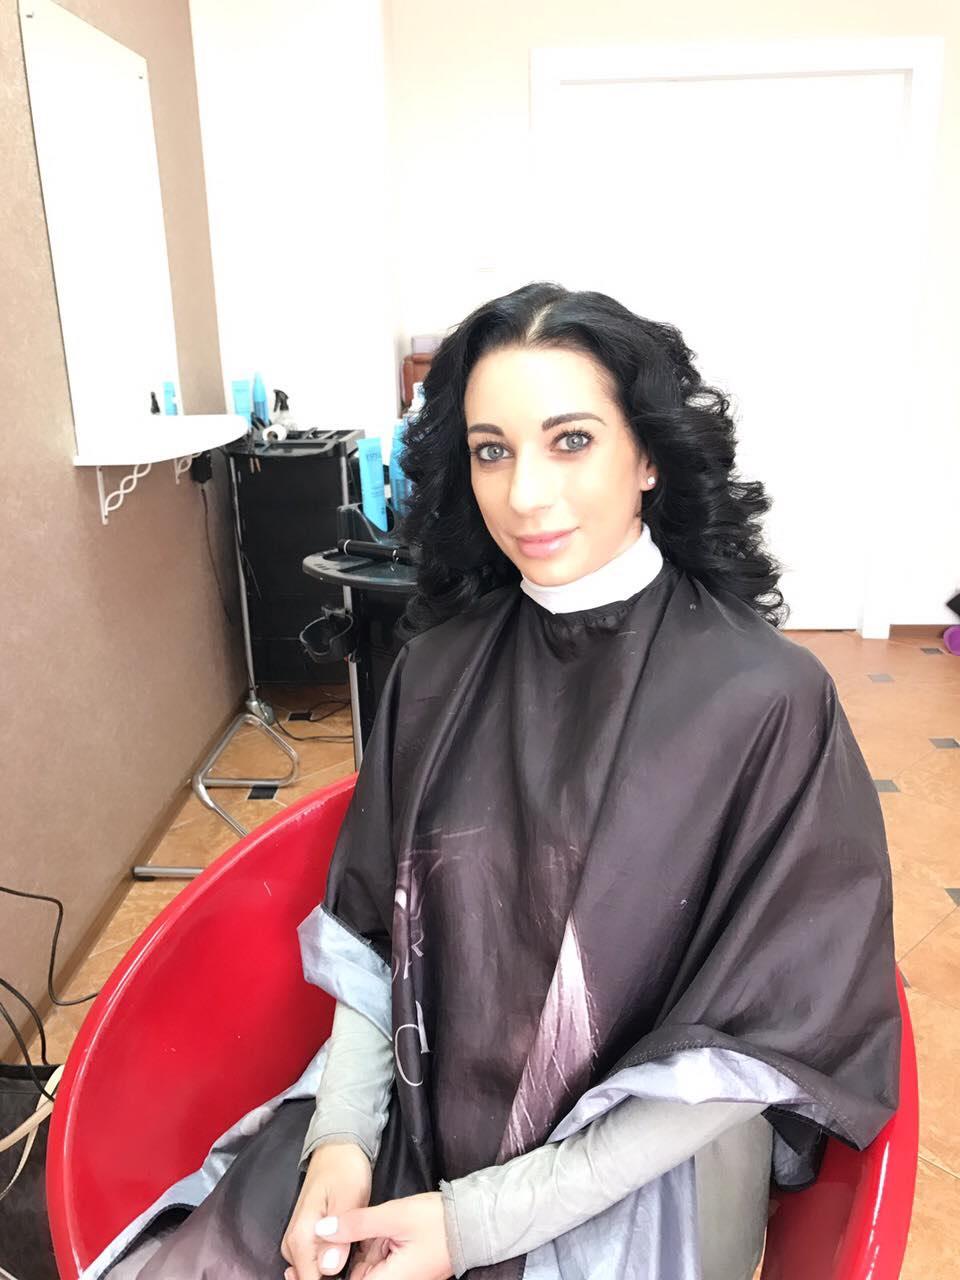 """Ботокс волос, стрижка горячими ножницами, экранирование, уход за волосами от 12 руб, окрашивание волос, корней краской """"Matrix"""" (США) от 17,50 руб, без доплат!"""